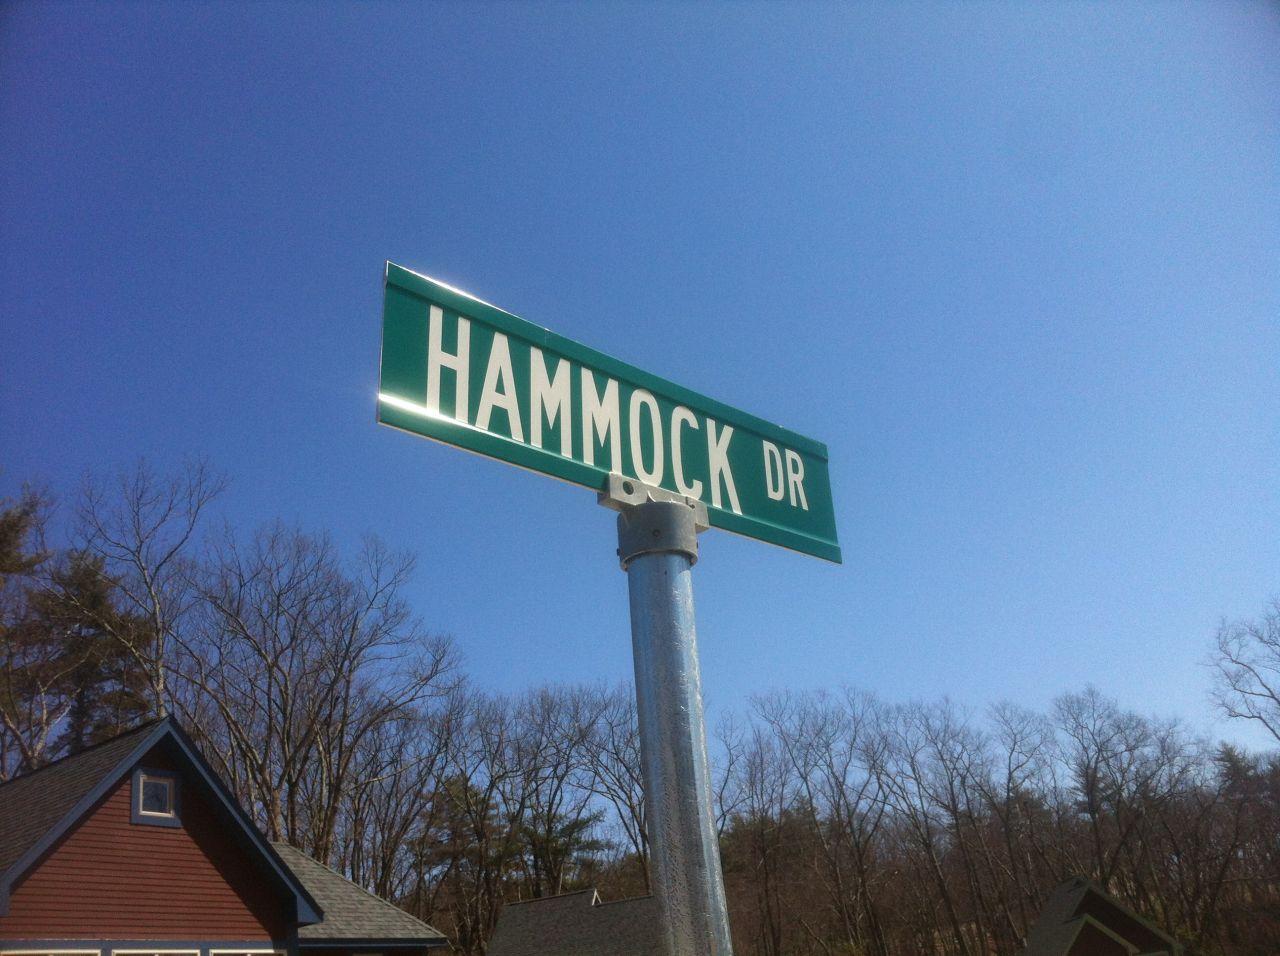 Hammock Dr